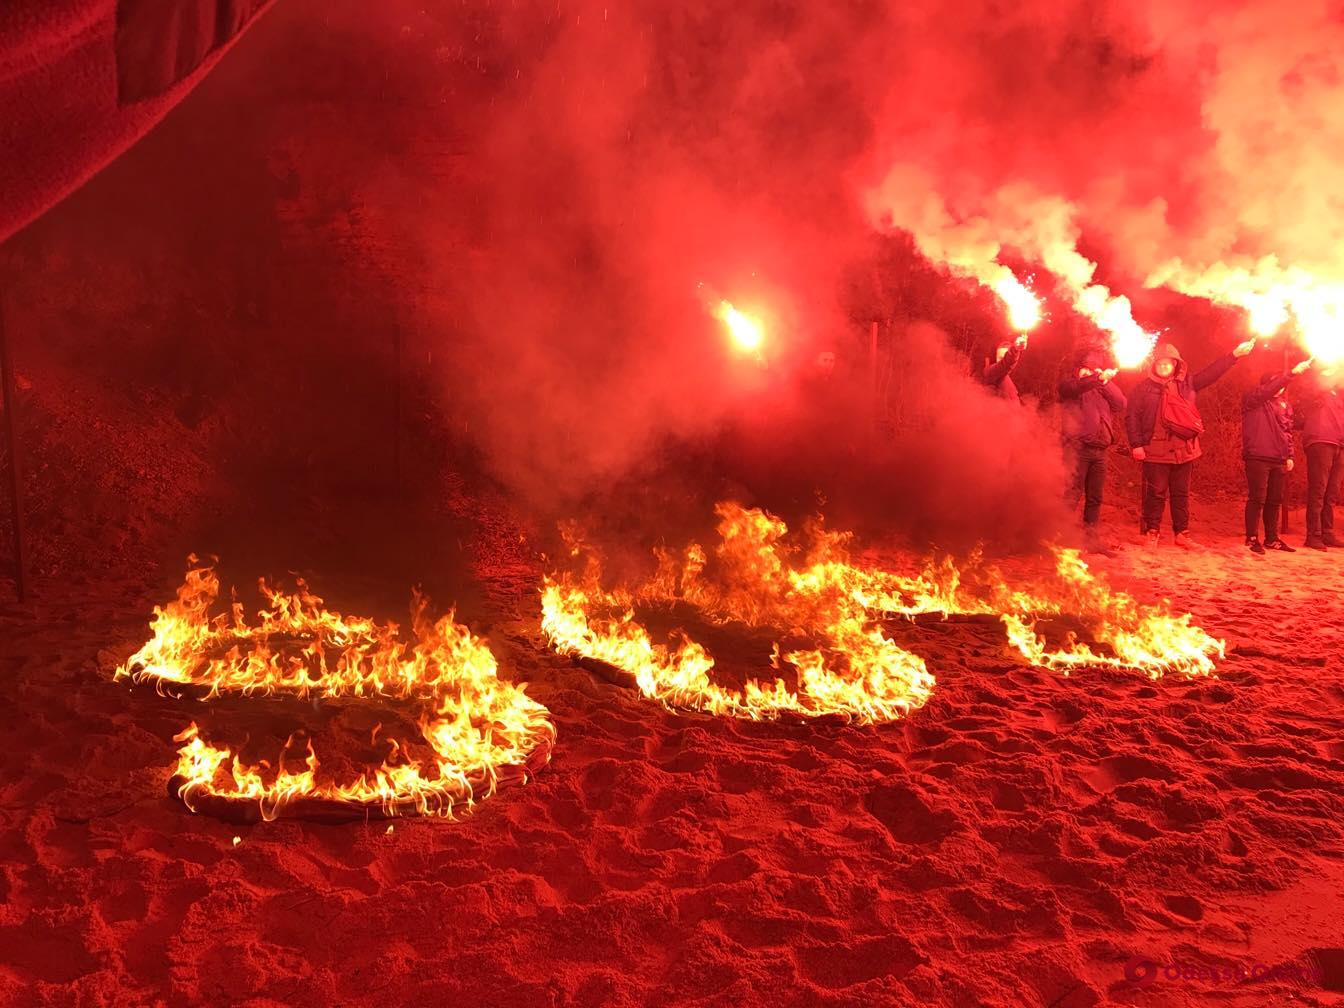 Одесские активисты провели акцию против застройки побережья (видео)